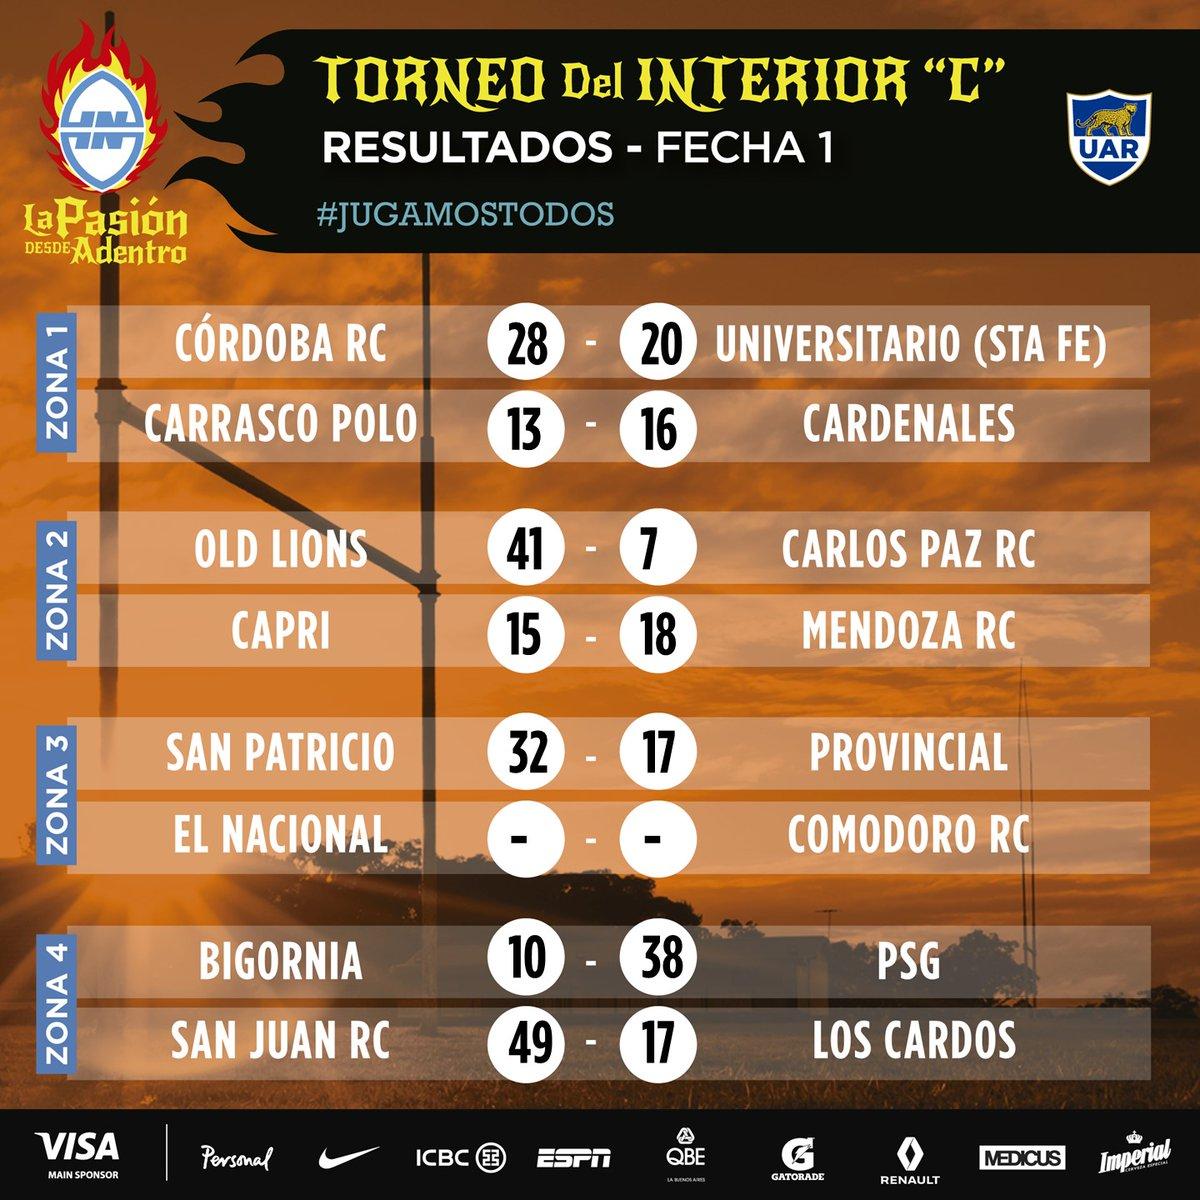 Resultados de la 1º fecha del Torneo del Interior C